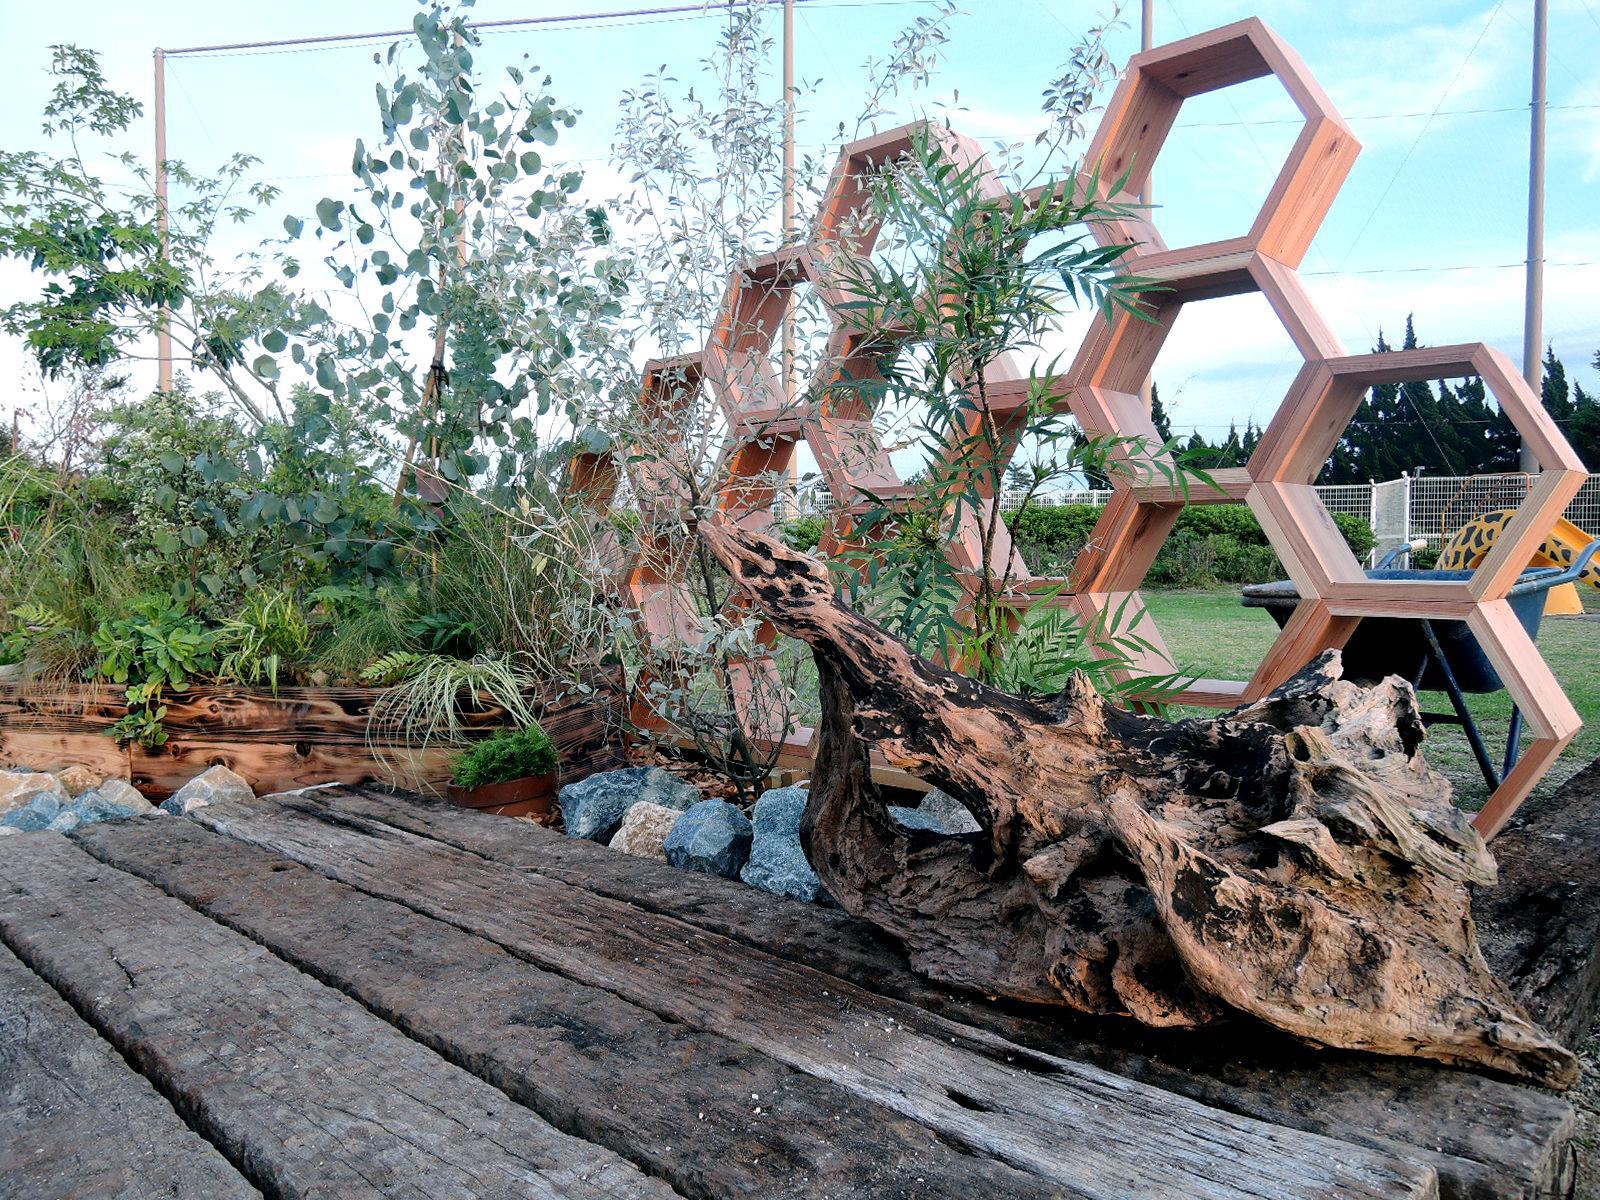 ハニカム構造のウッドフェンス。お気に入りの植木鉢や、ガーデンツールを置いても良い感じ。 僕ならウィスキー置きたい。。